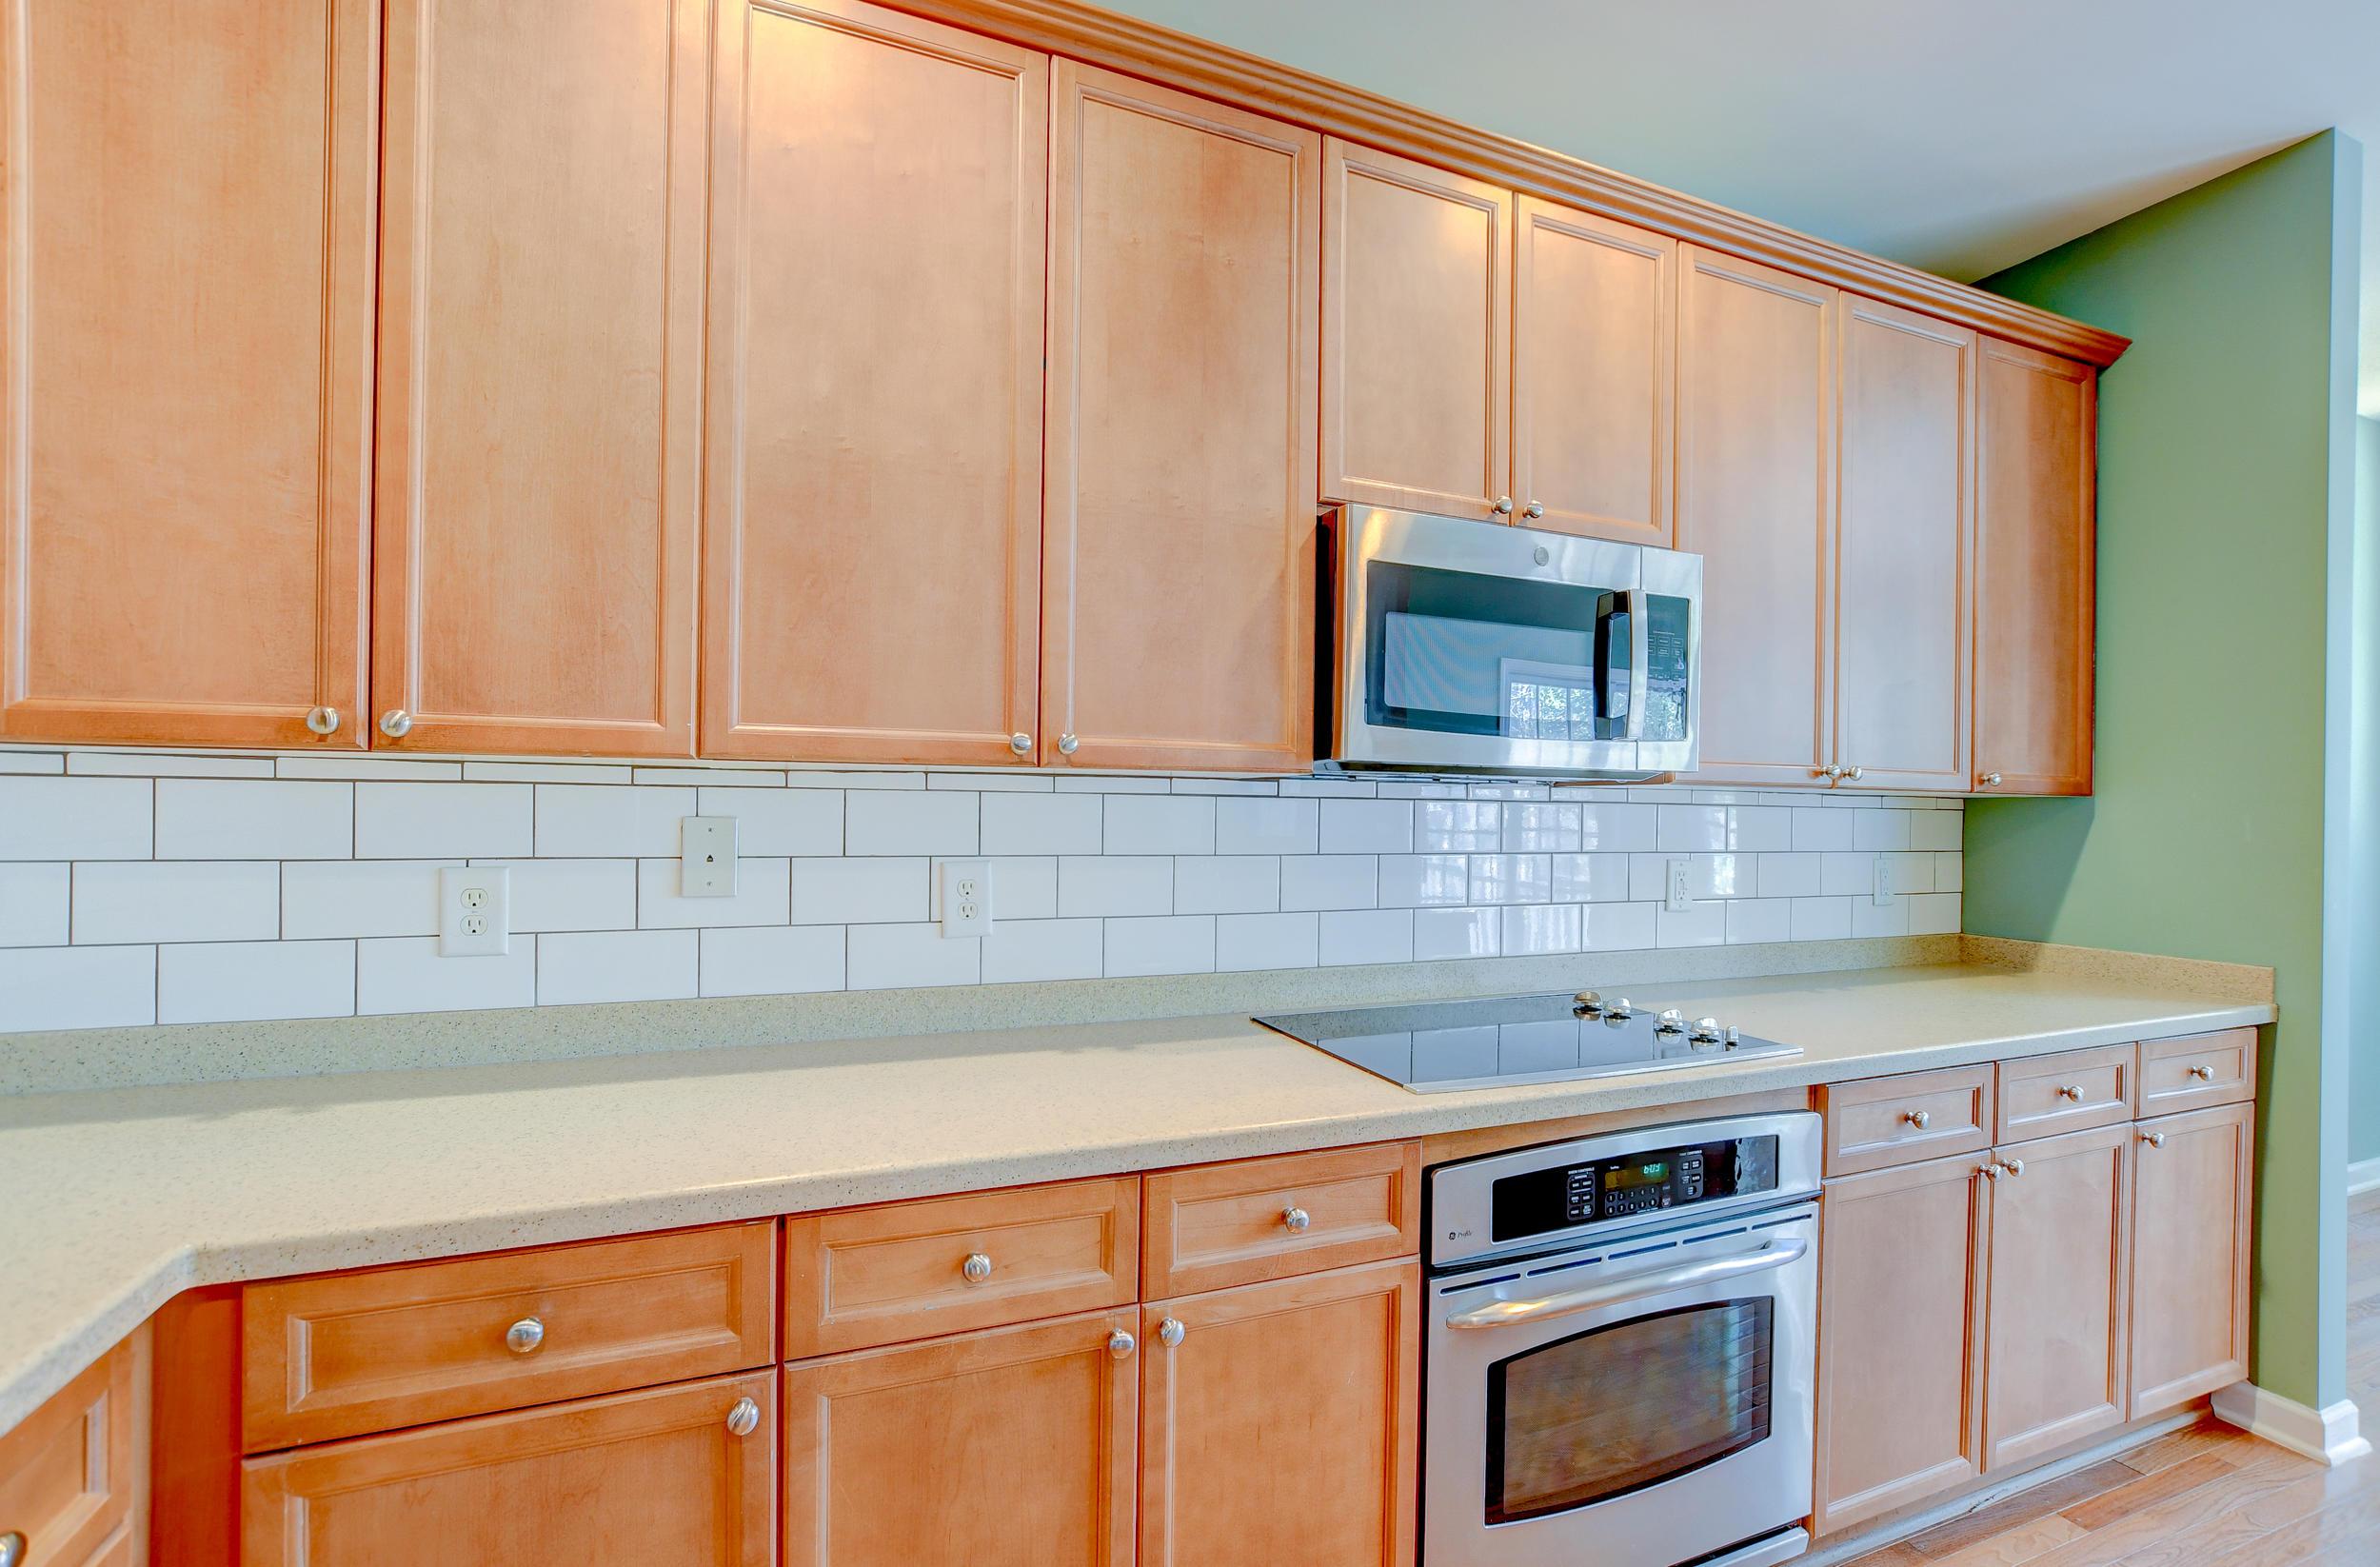 Park West Homes For Sale - 3545 Claremont, Mount Pleasant, SC - 0